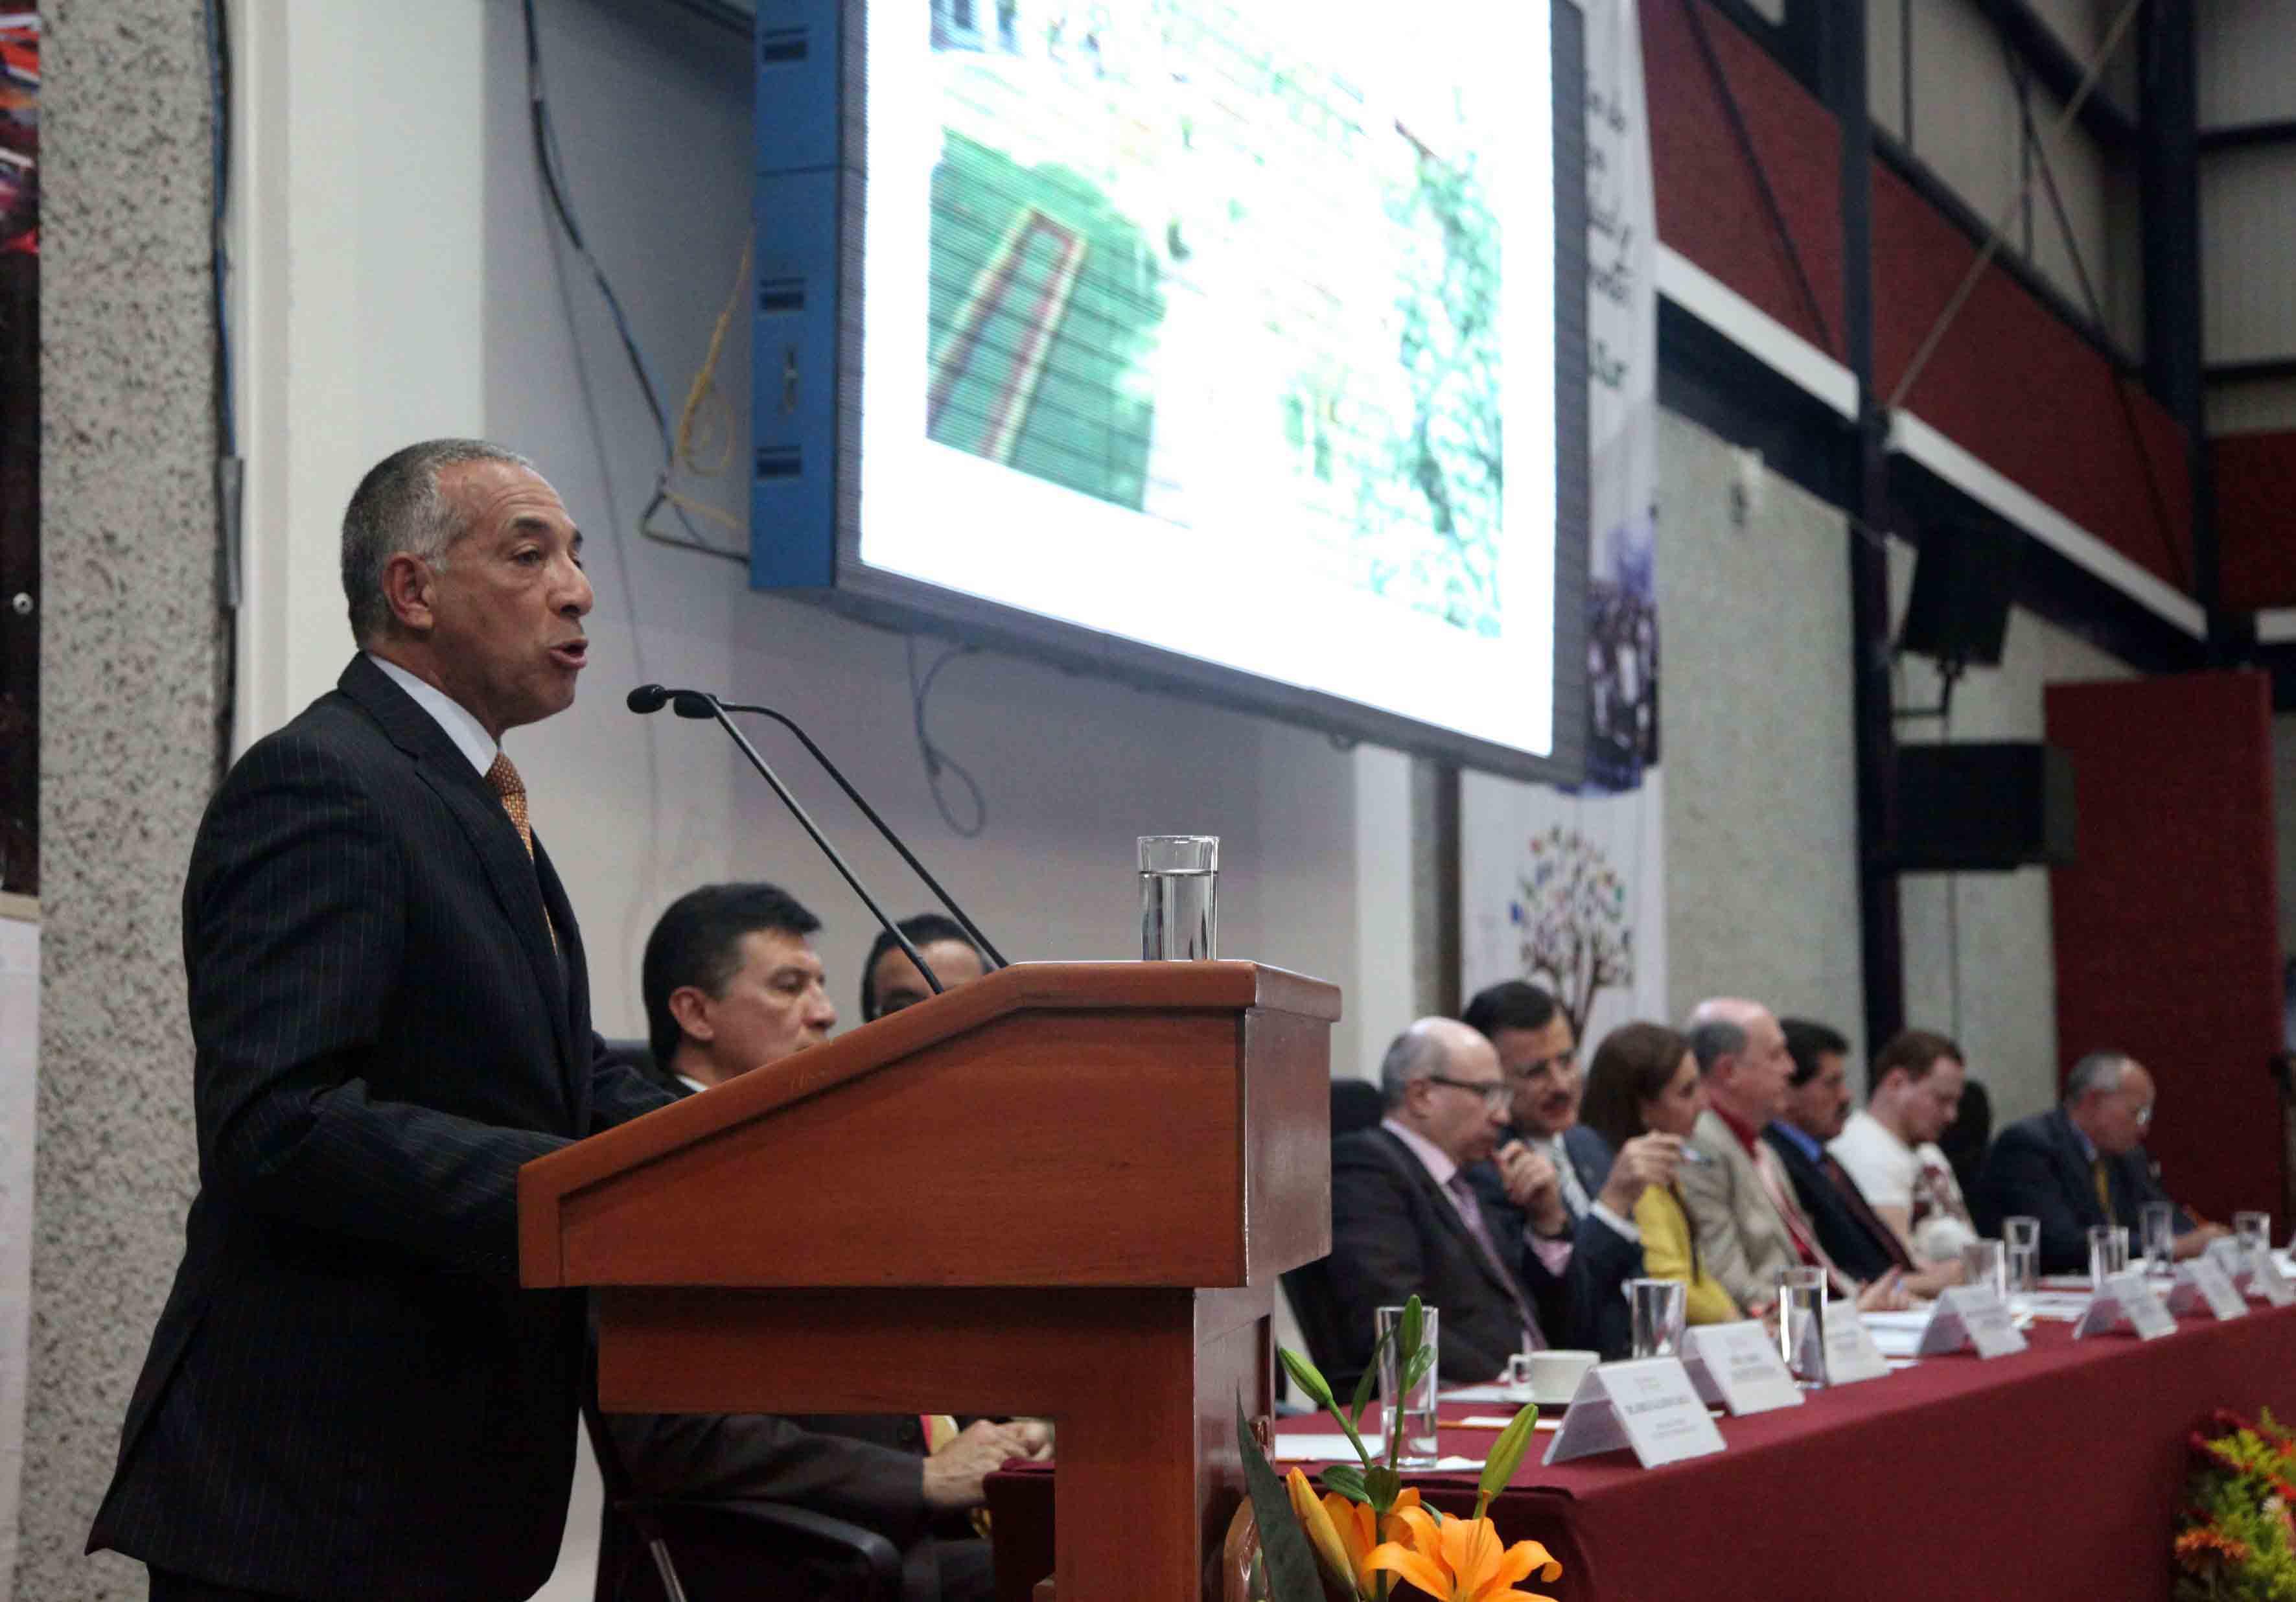 Exposición del segundo informe de actividades del maestro Ricardo Xicoténcatl García Cauzor, Rector del CUSur, ante autoridades universitarias.